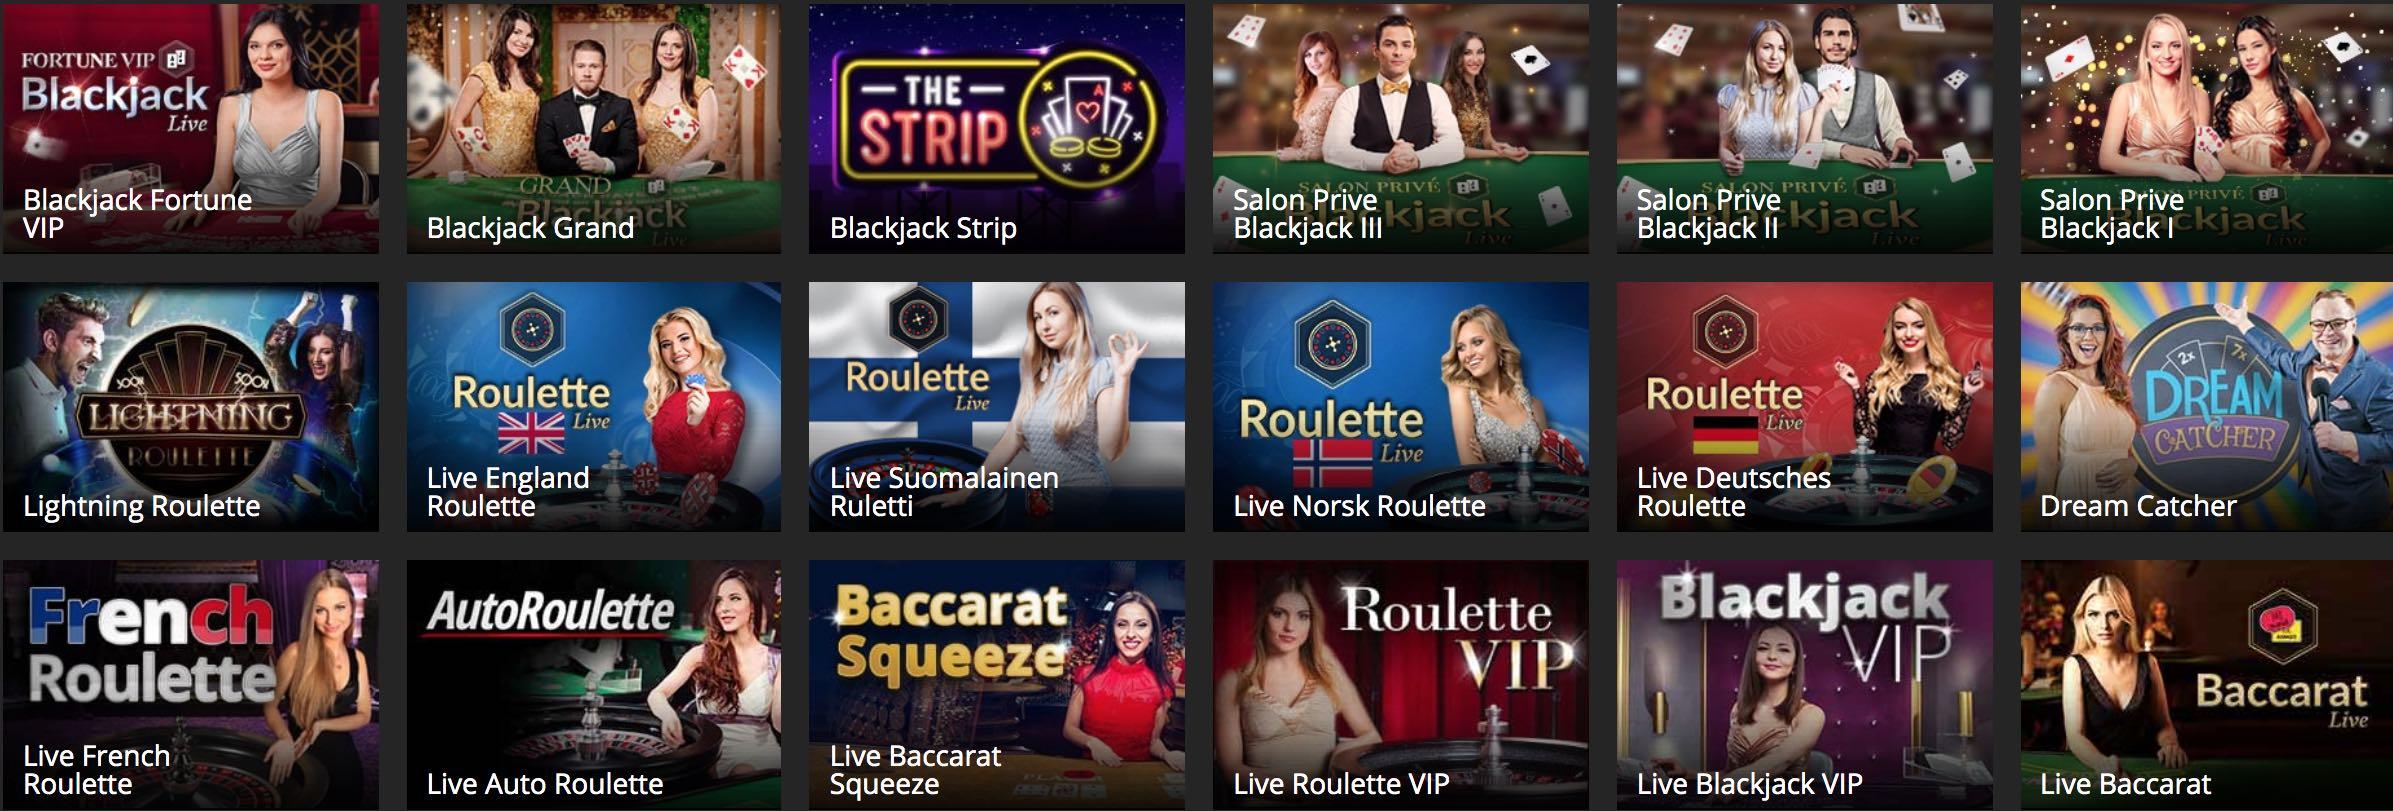 Barbados Casino Live Spiele